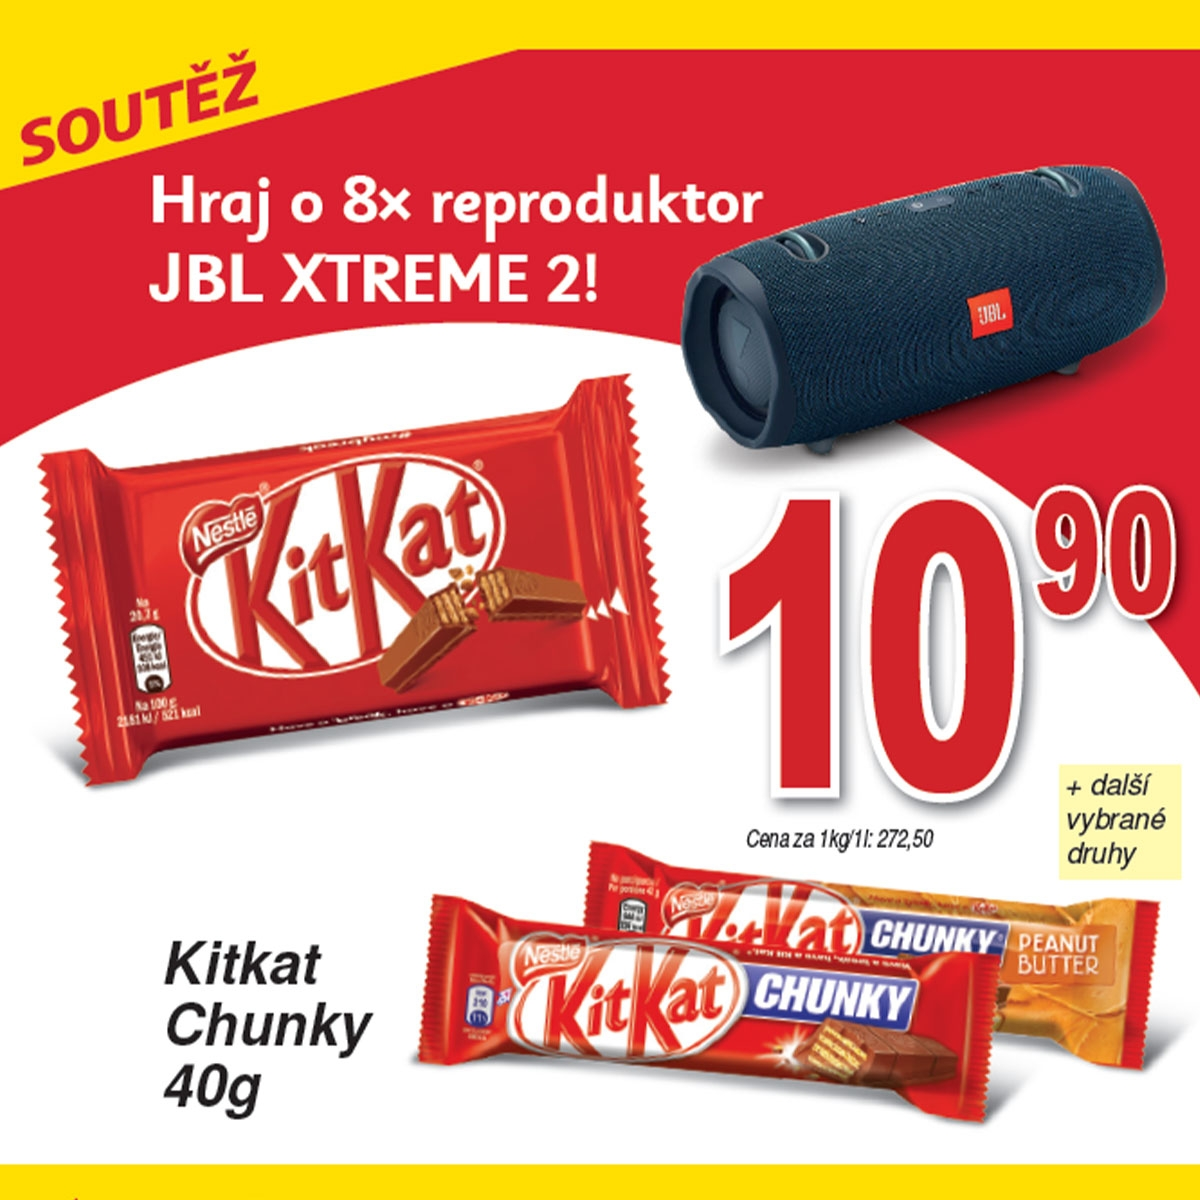 Soutěž s Kitkat